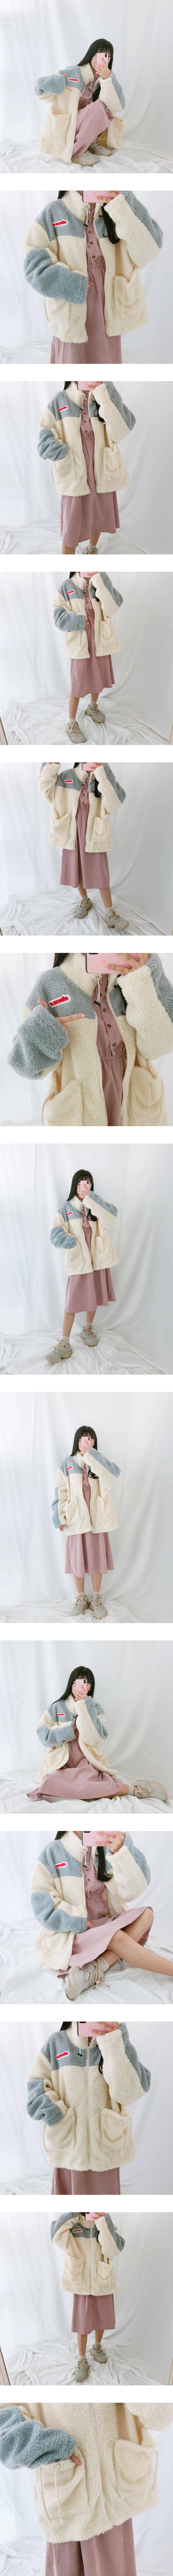 SMK Boxy Fleece Jacket